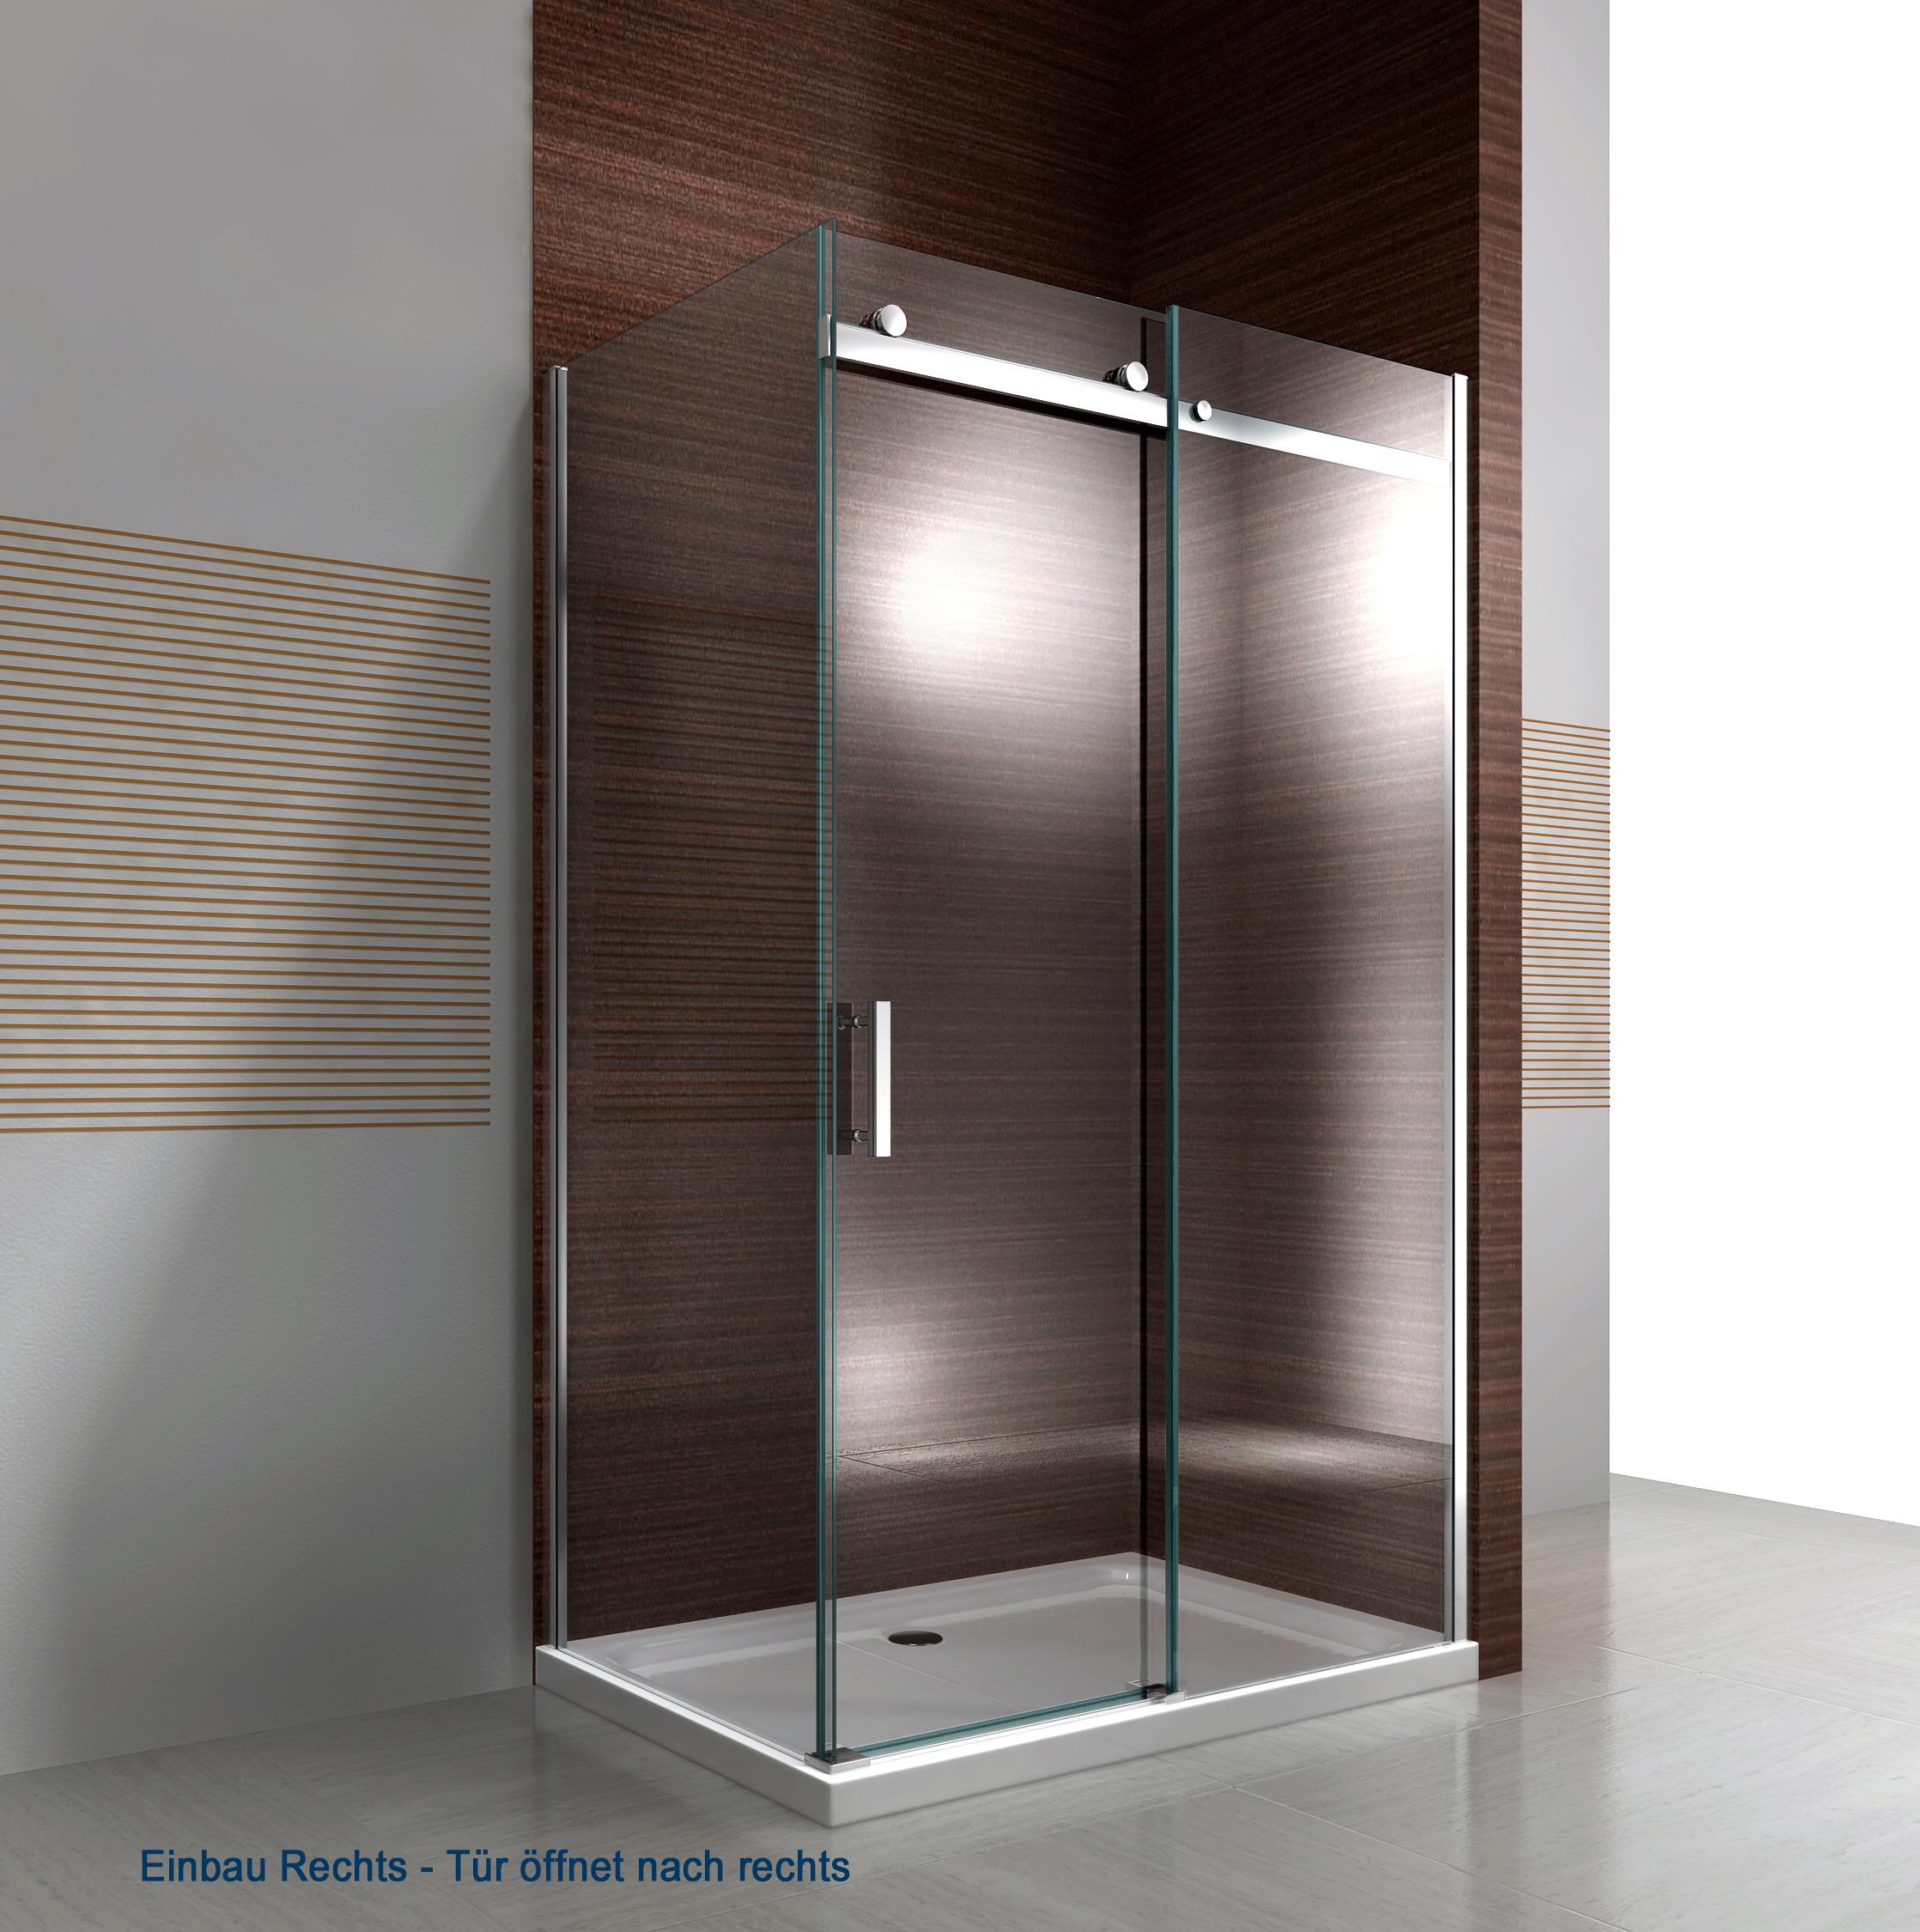 Full Size of Duschkabine Nano Echtglas Ex806 Schiebetr 90 120 195 Cm Dusche Mischbatterie Hüppe Duschen Bodengleiche Fliesen Wand Kaufen Haltegriff Glasabtrennung Dusche Glasabtrennung Dusche